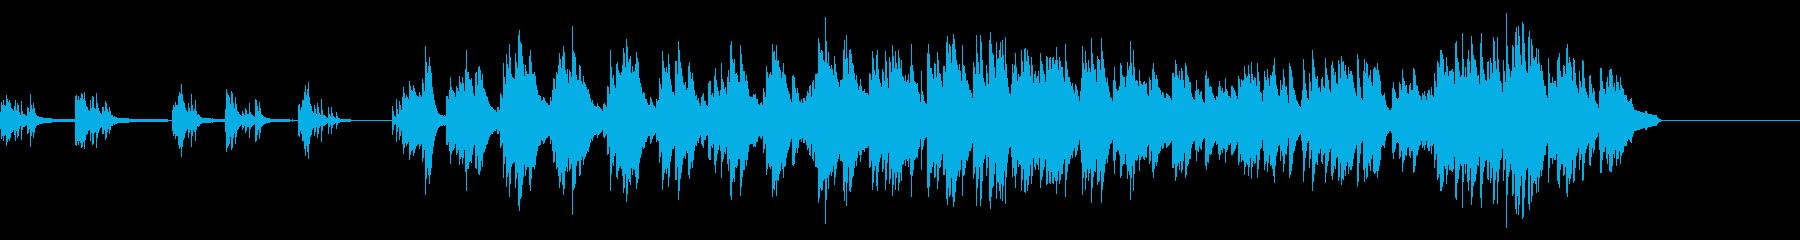 朝日が差し込むような爽やかなピアノBGMの再生済みの波形